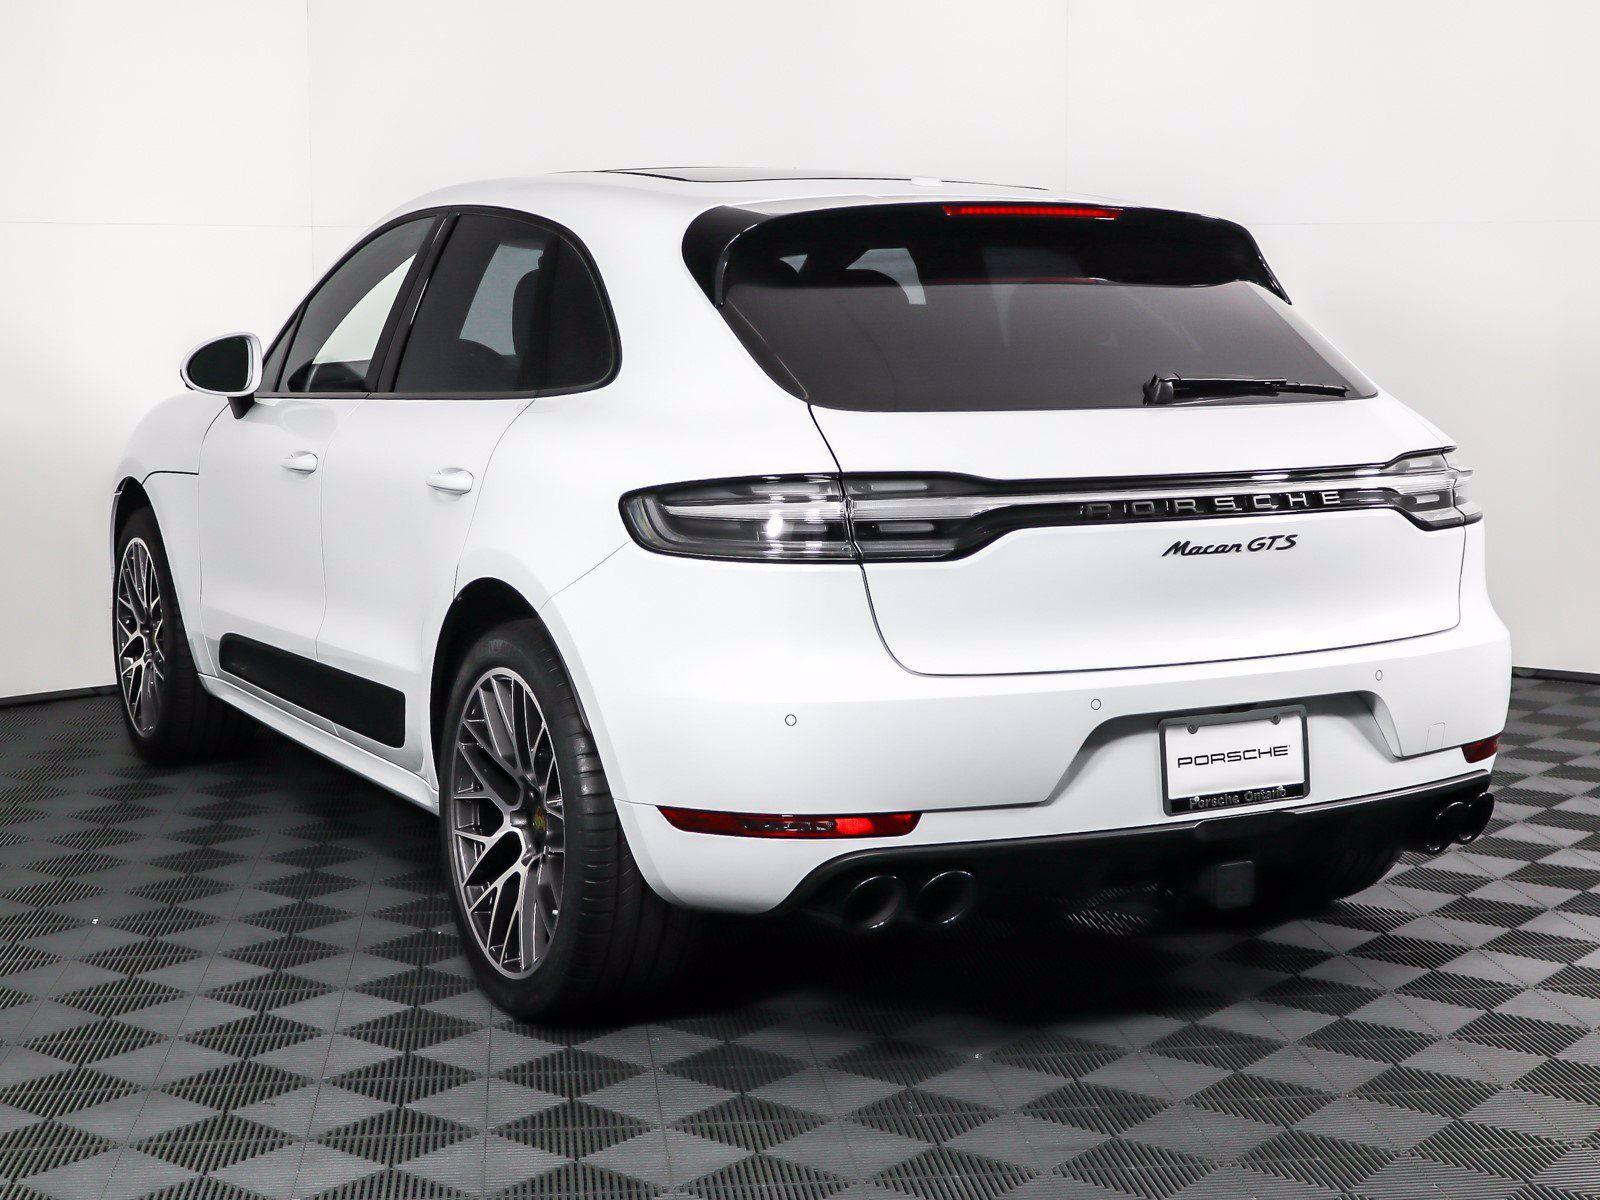 2021 Porsche Macan GTS – 2